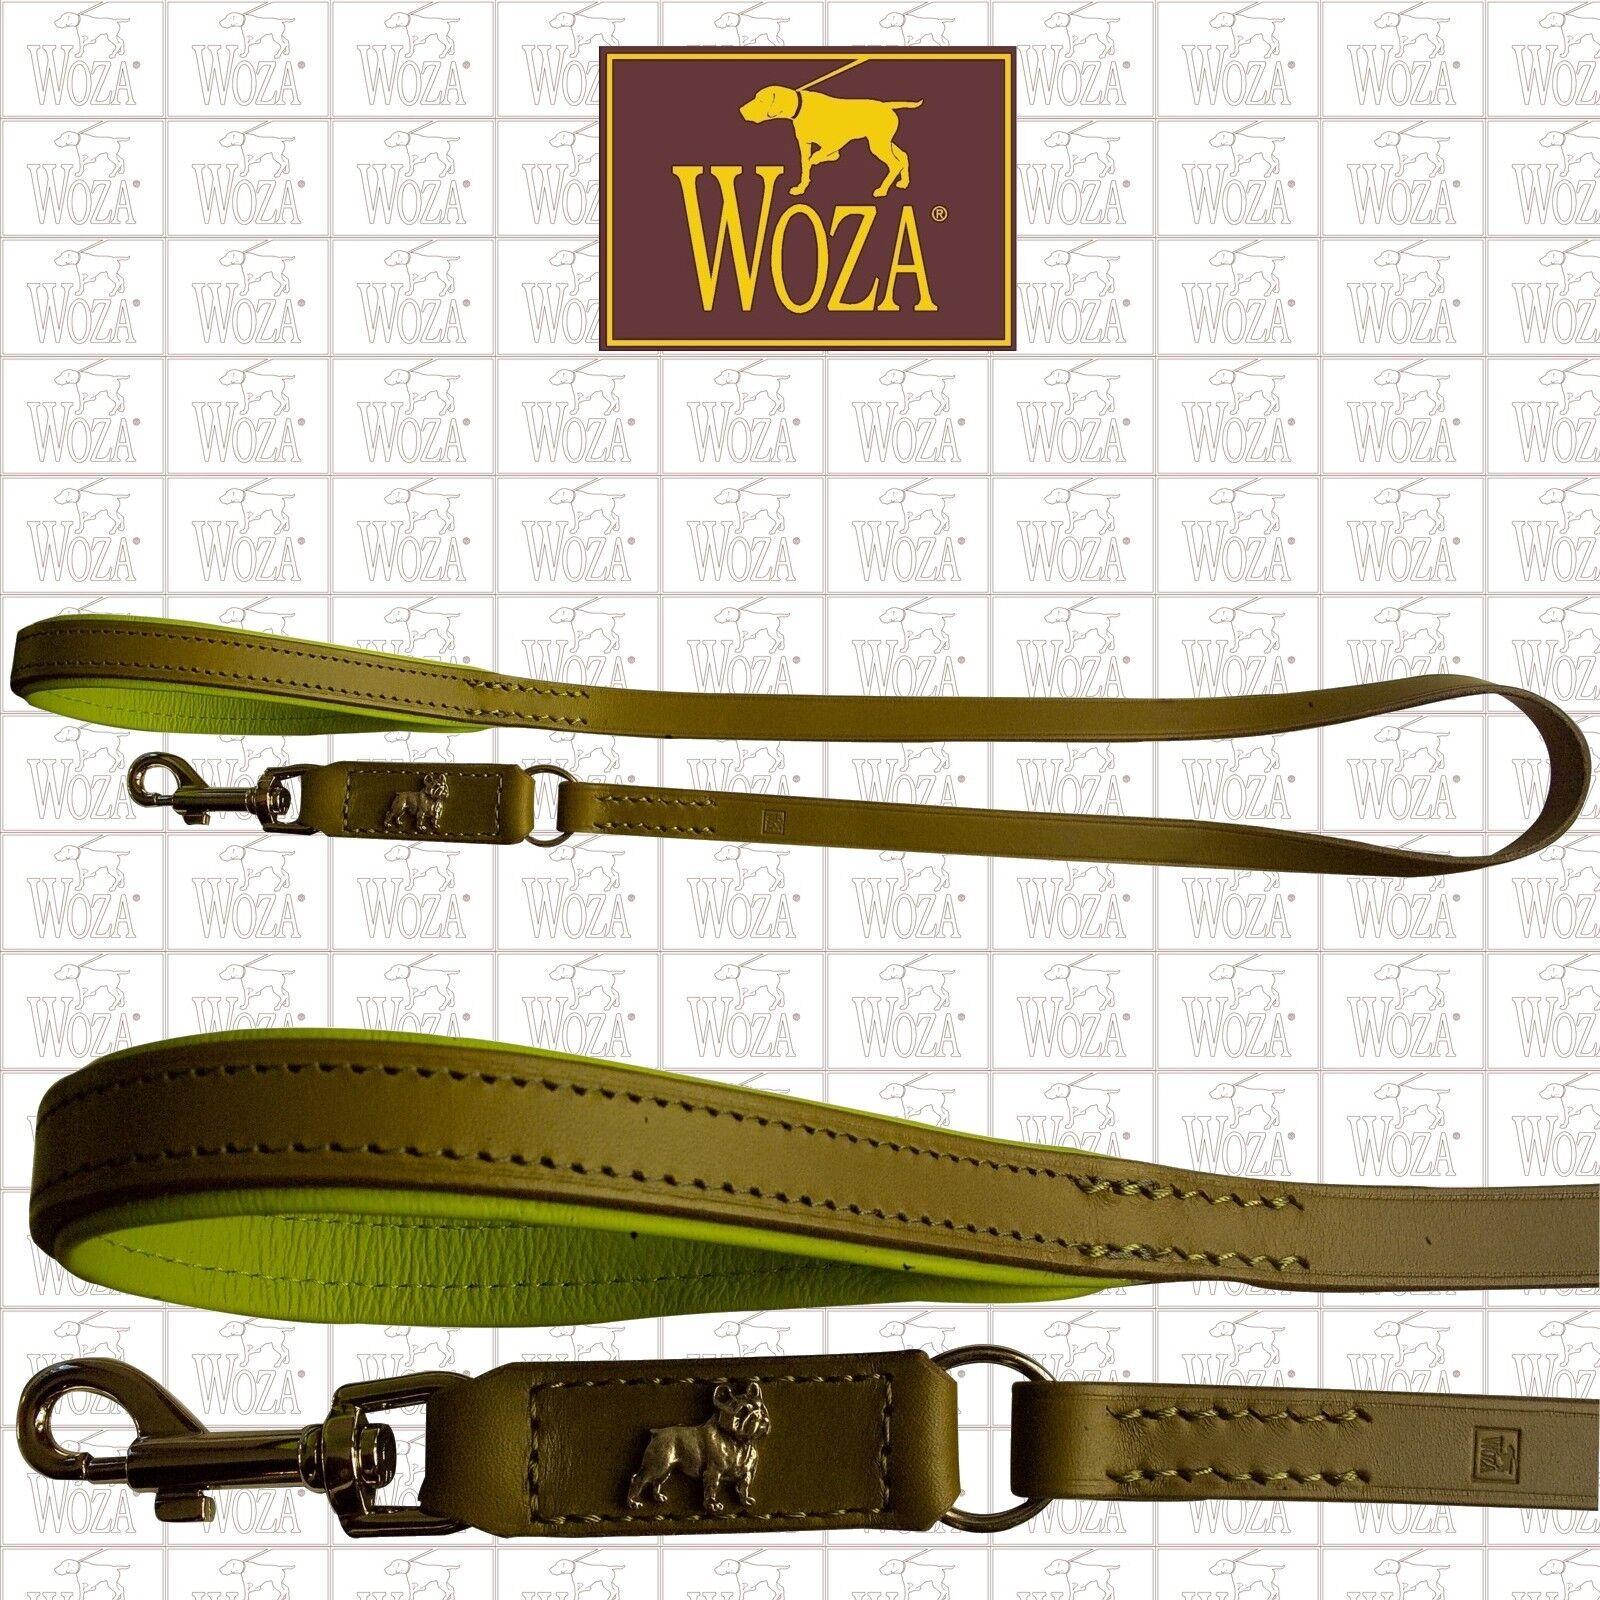 WOZA Premium Hundeleine Französische Bulldogge Vollleder Rindnappa Leash LO1960    | Jeder beschriebene Artikel ist verfügbar  794237